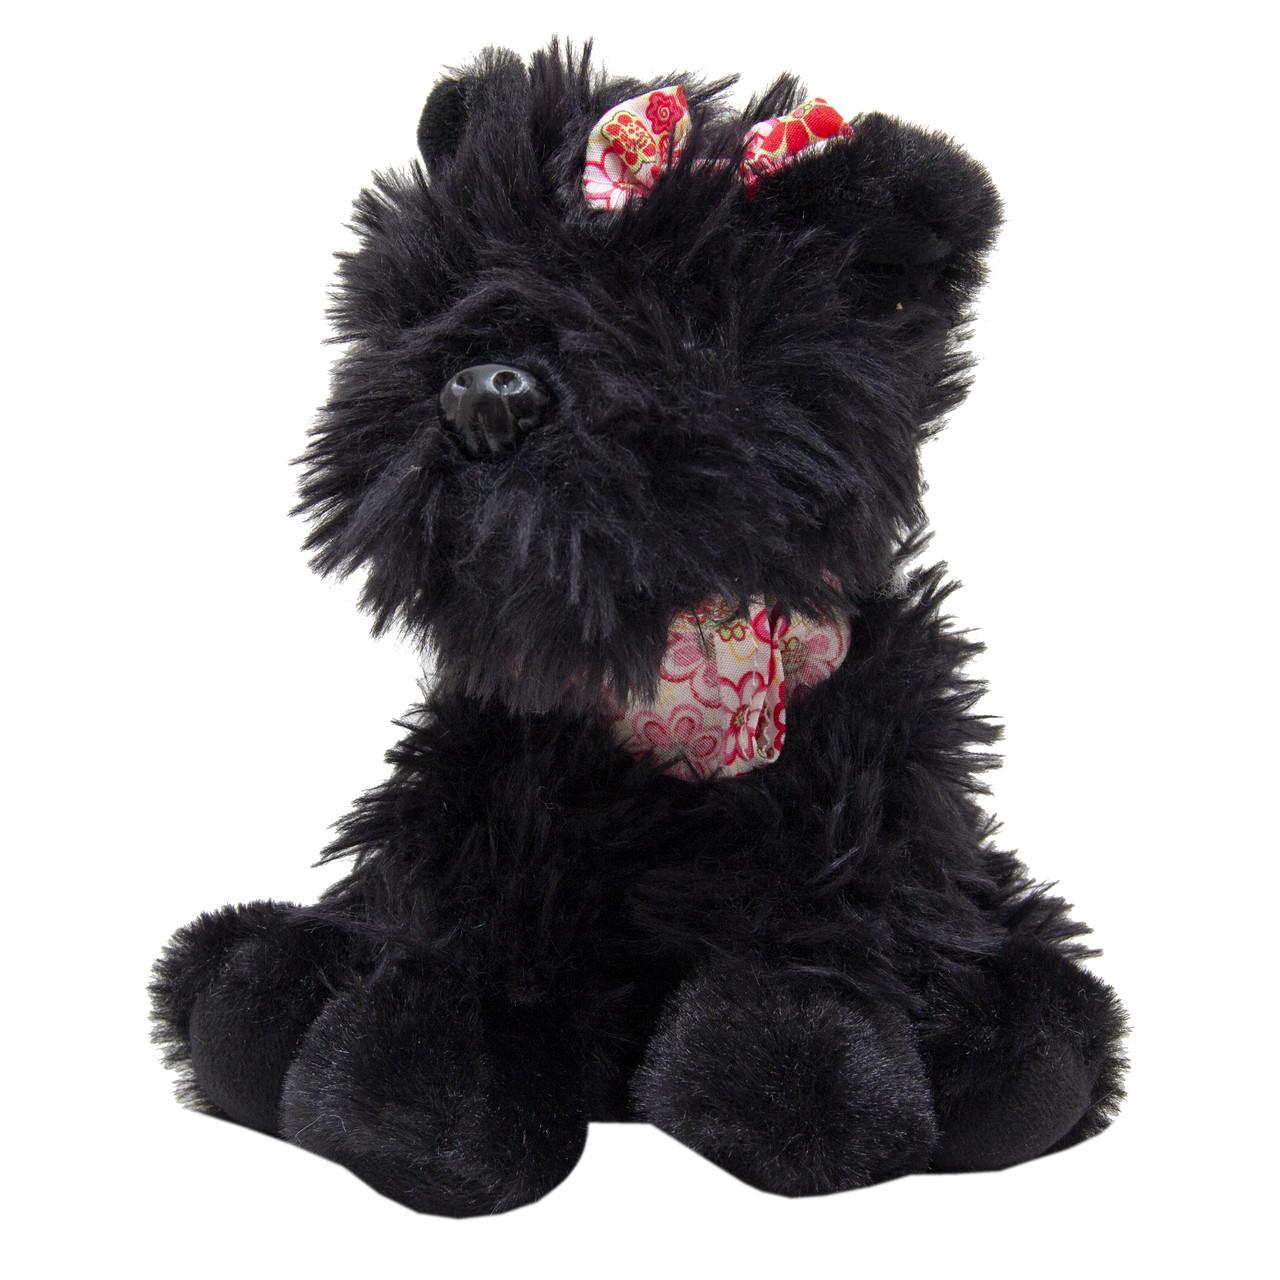 М'яка іграшка - собака з бантиком, що сидить, 16 см, чорний, поліестер (X1620716-2)